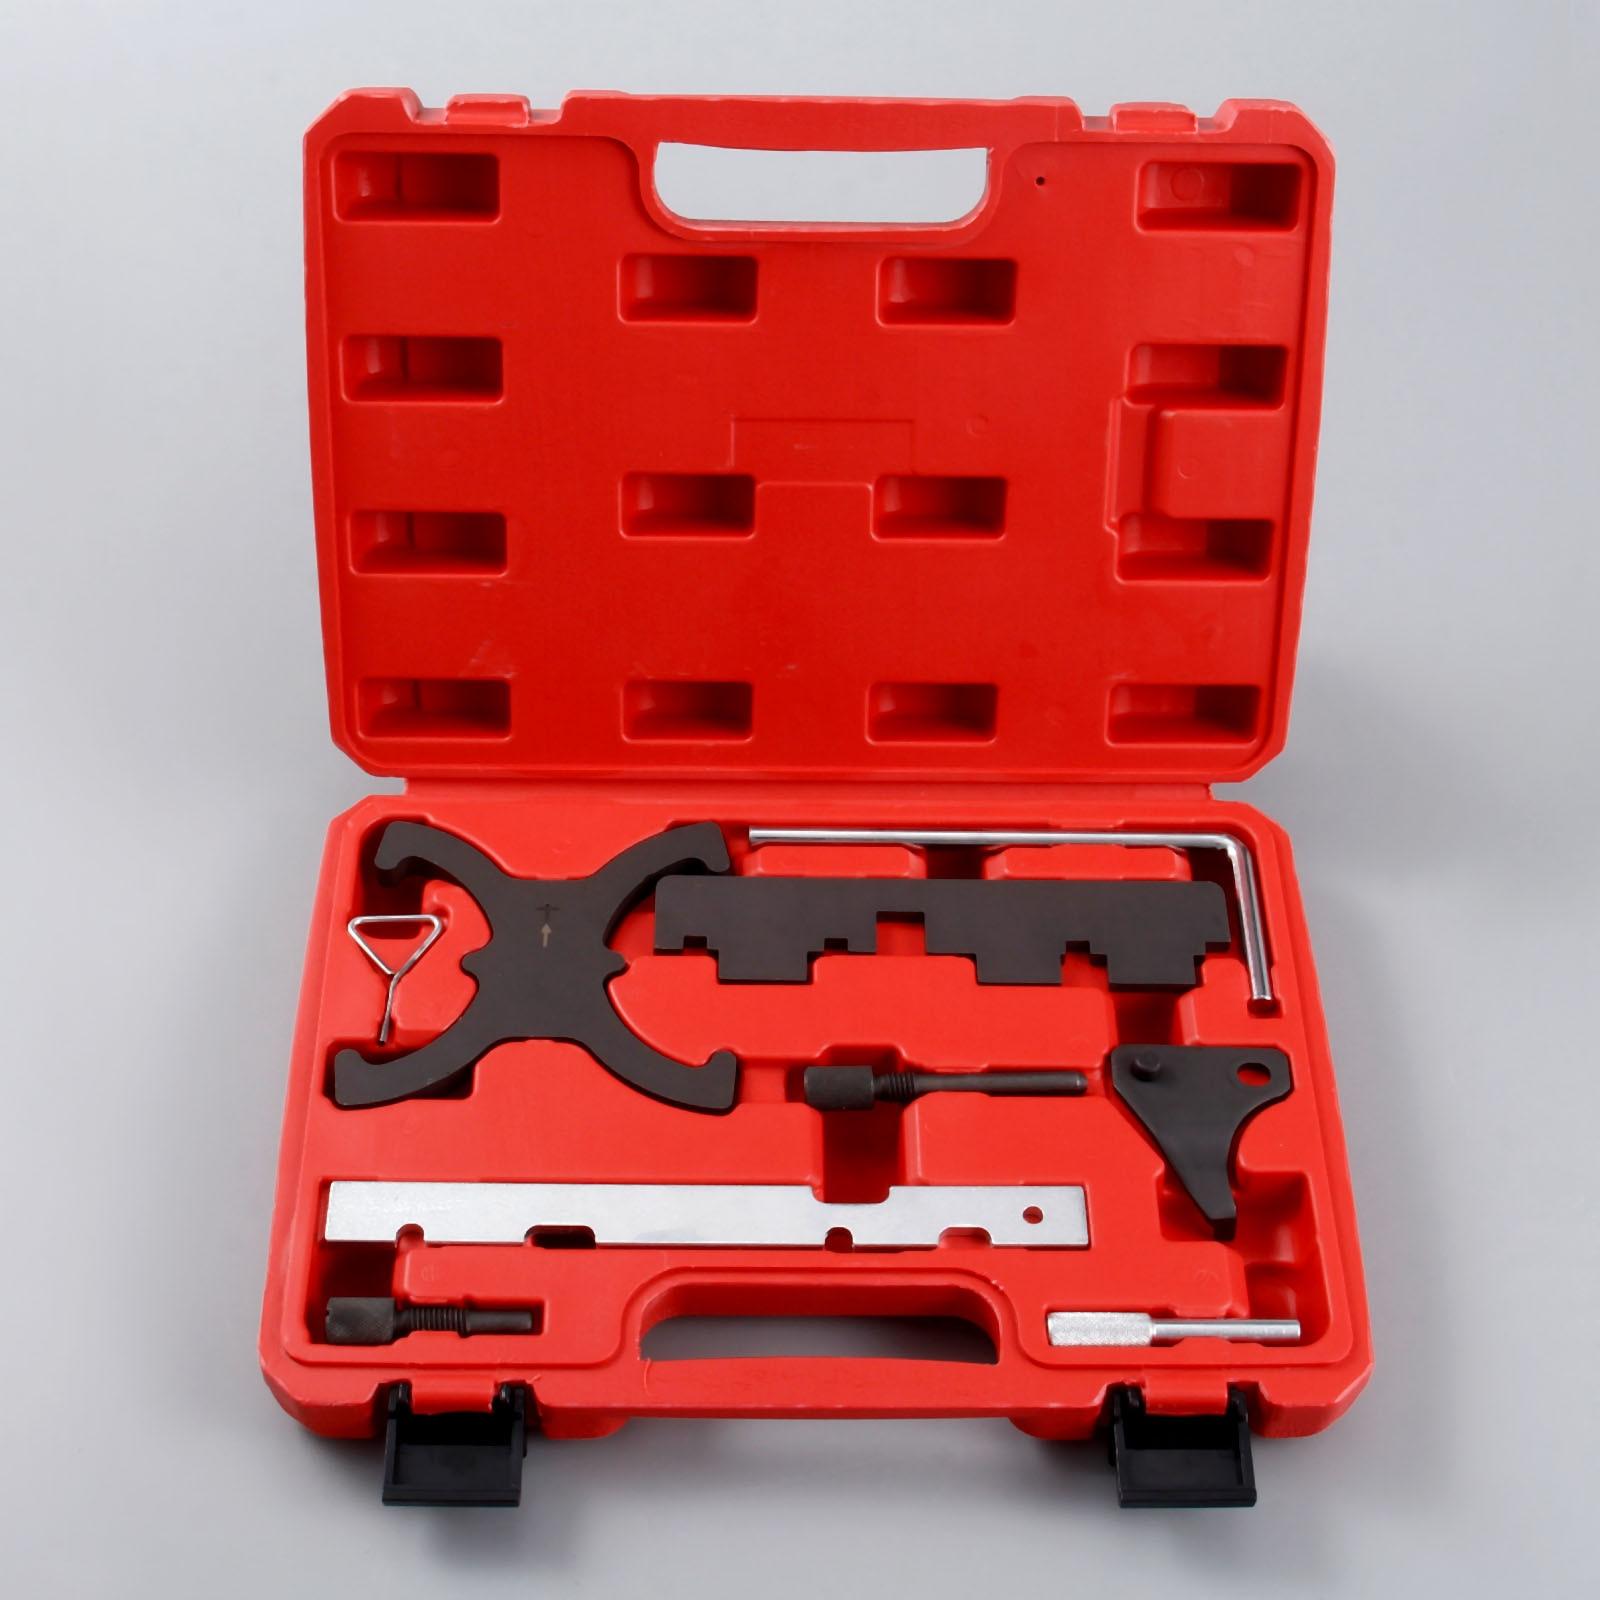 Yetaha Kit d'outils de blocage de calage d'arbre à cames moteur pour Ford Focus 1.6 pour Mazada 1.6 Eco Boost pour Volvo